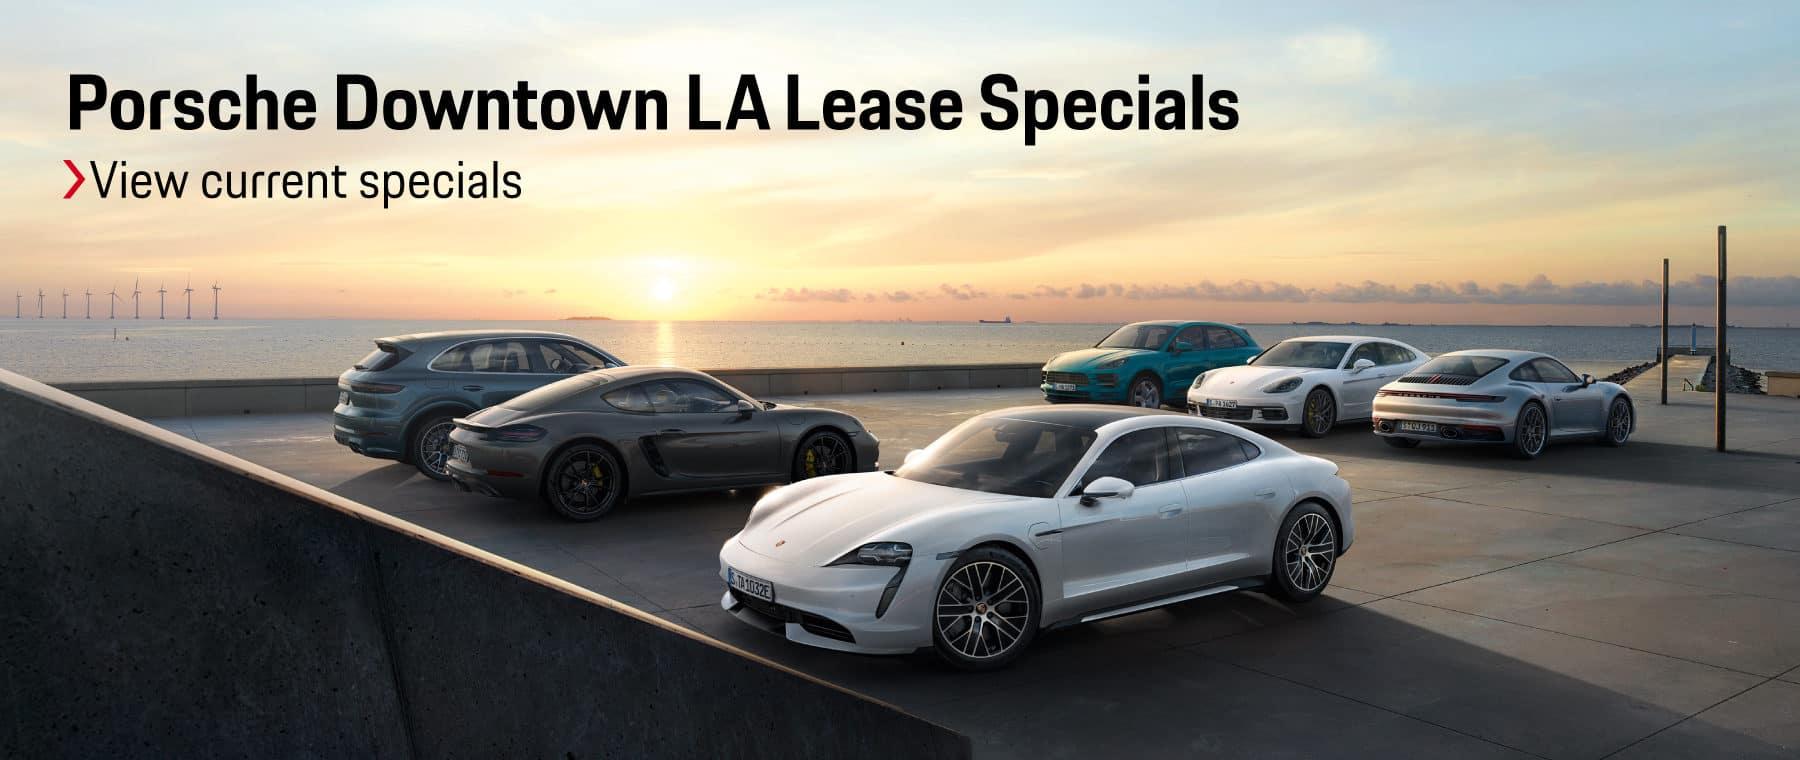 Porsche Downtown LA Lease Specials